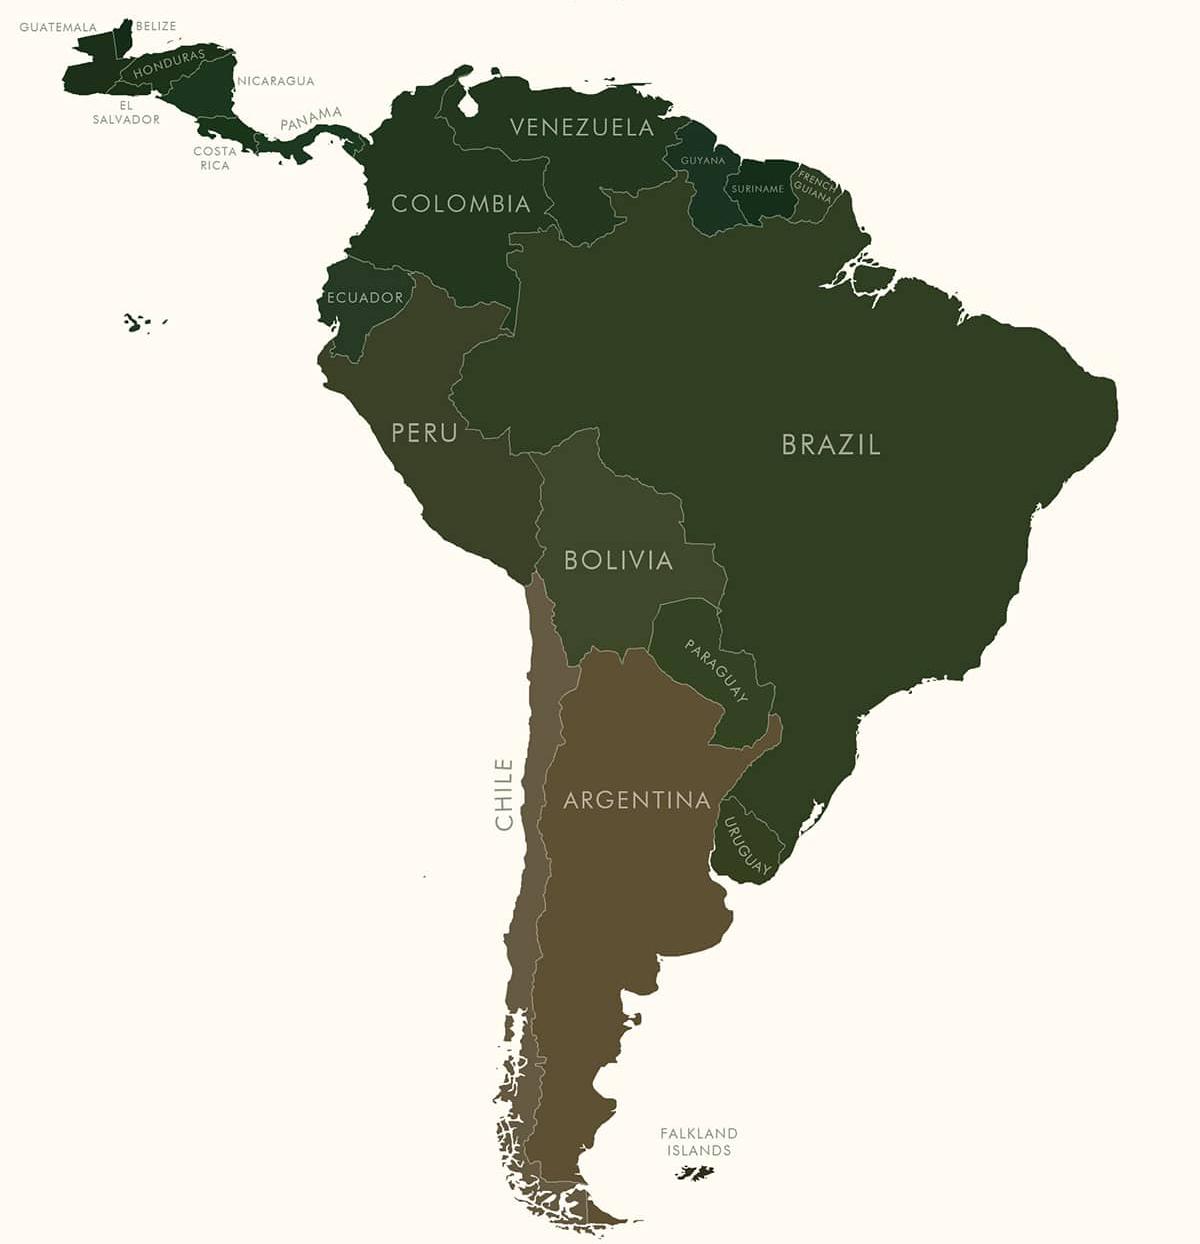 მსოფლიო, დედამიწა, საშუალო ფერი, ფერები, ფერადი, qwelly